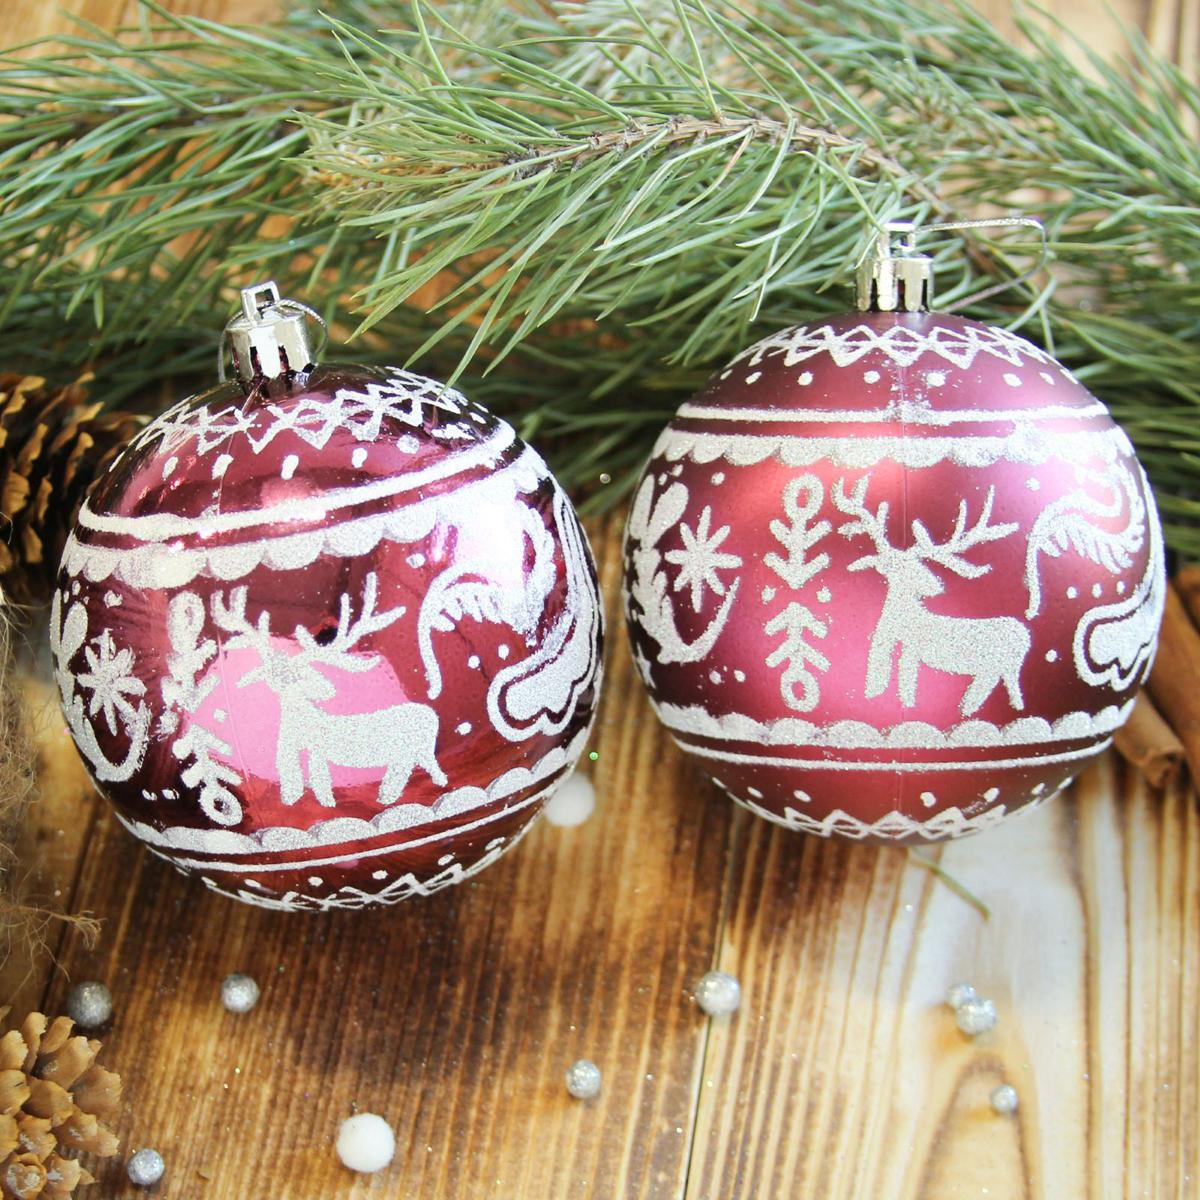 Набор новогодних подвесных украшений Sima-land Зимний олень, цвет: бордовый, диаметр 8 см, 6 шт2122982Набор новогодних подвесных украшений Sima-land отлично подойдет для декорации вашего дома и новогодней ели. С помощью специальной петельки украшение можно повесить в любом понравившемся вам месте. Но, конечно, удачнее всего оно будет смотреться на праздничной елке. Елочная игрушка - символ Нового года. Она несет в себе волшебство и красоту праздника. Создайте в своем доме атмосферу веселья и радости, украшая новогоднюю елку нарядными игрушками, которые будут из года в год накапливать теплоту воспоминаний.